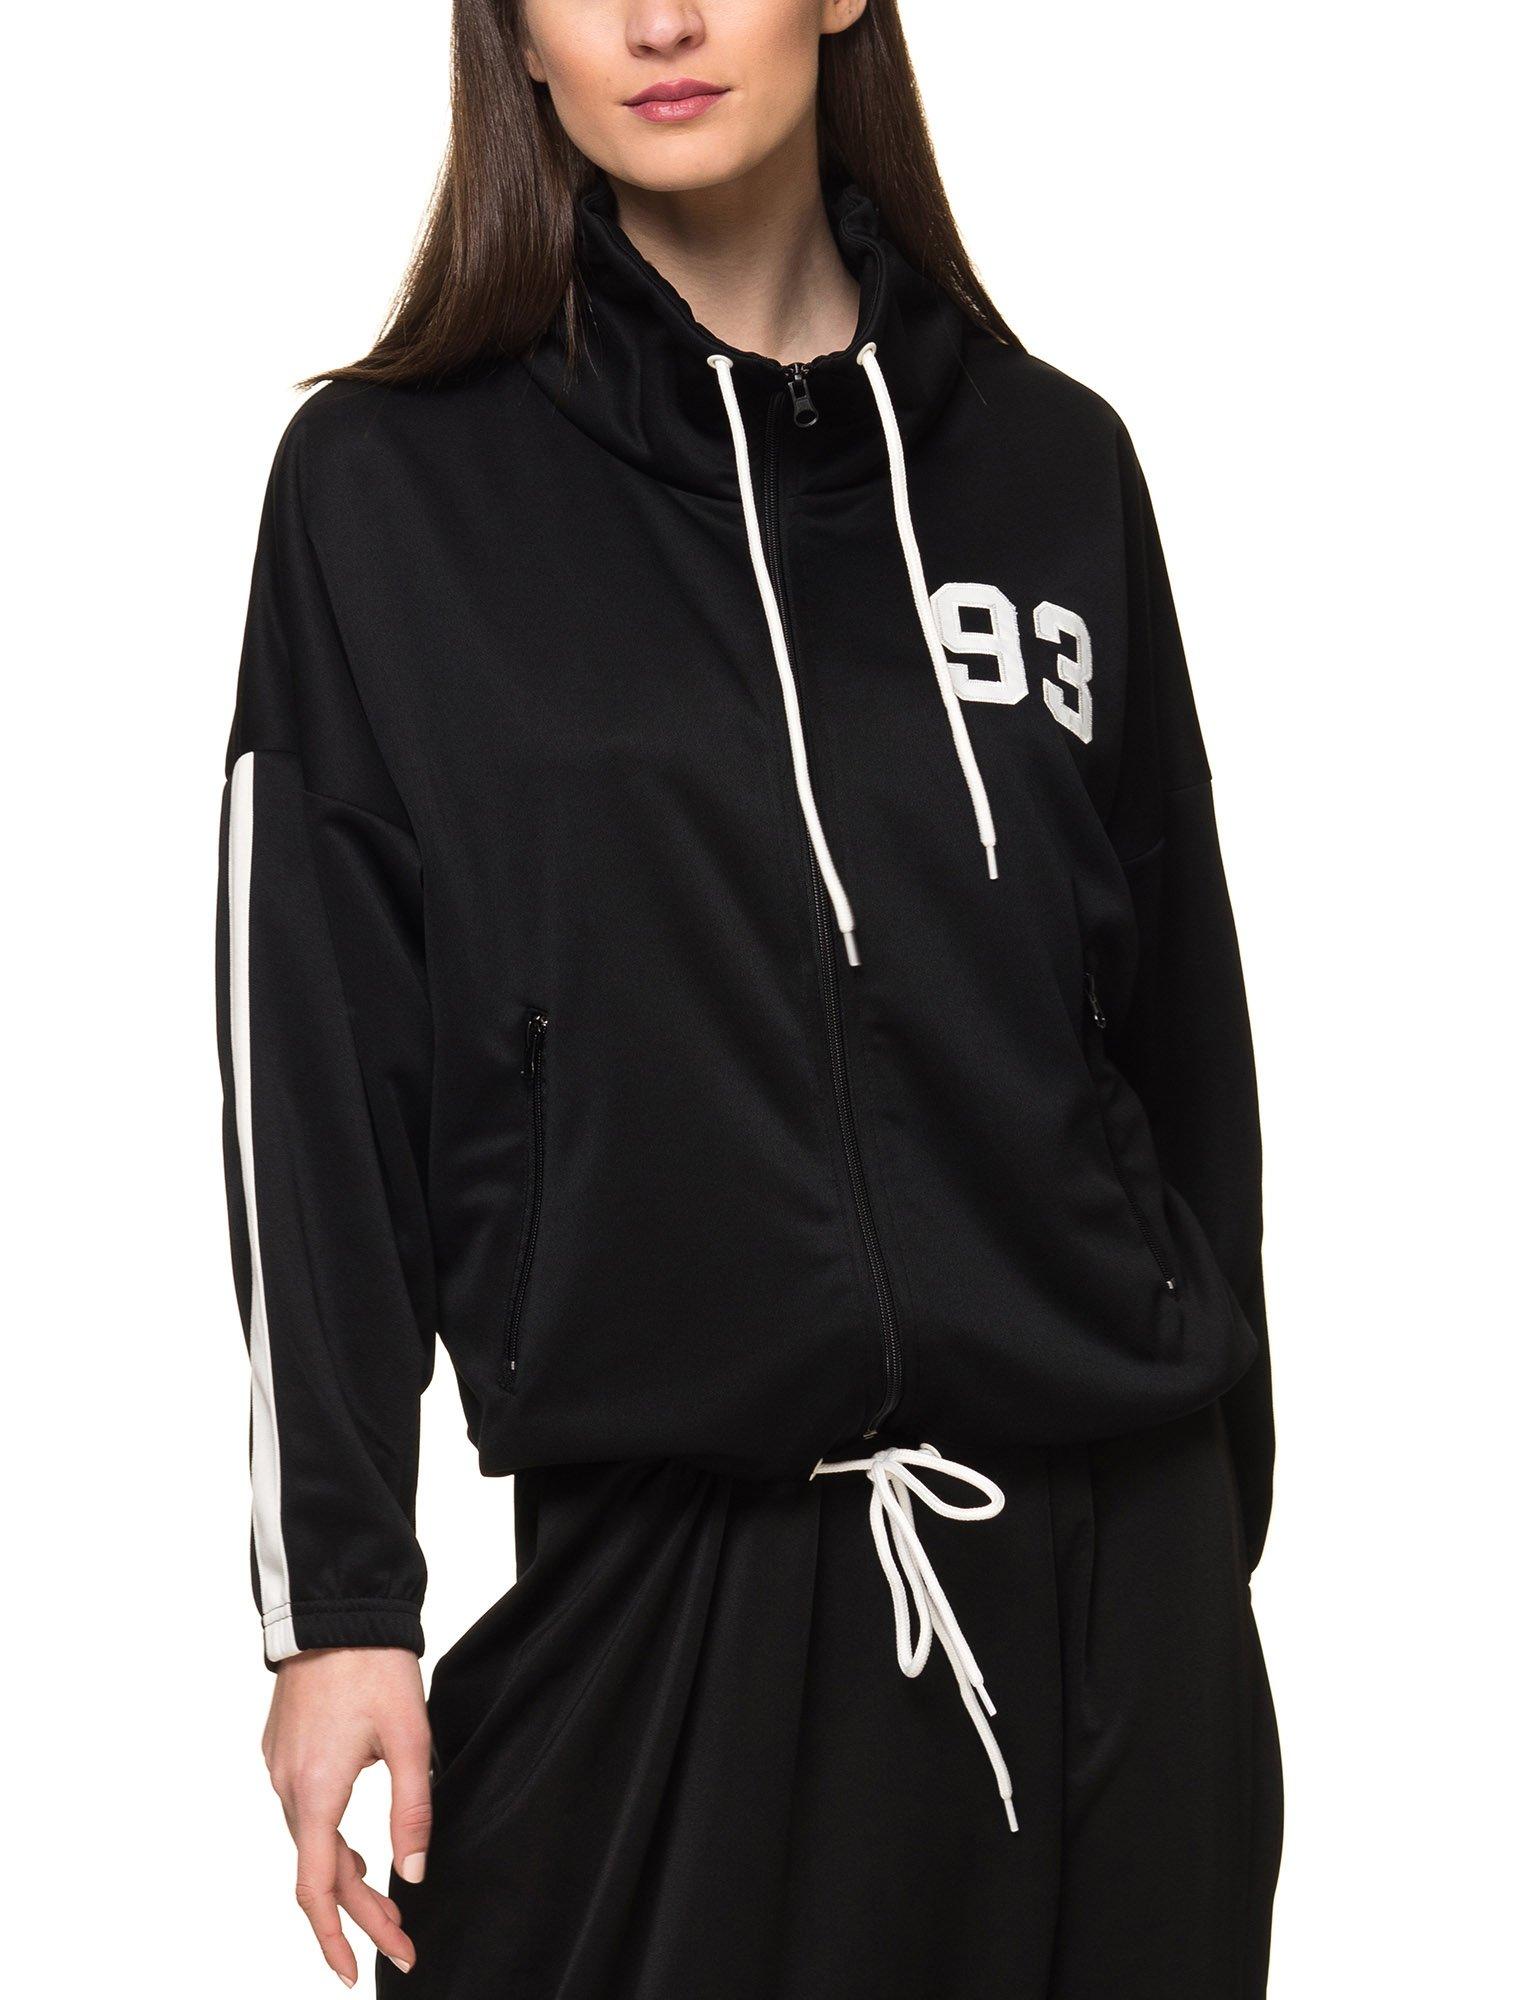 Franklin & Marshall Women's Women's Black Zip Sweatshirt In Size L Black